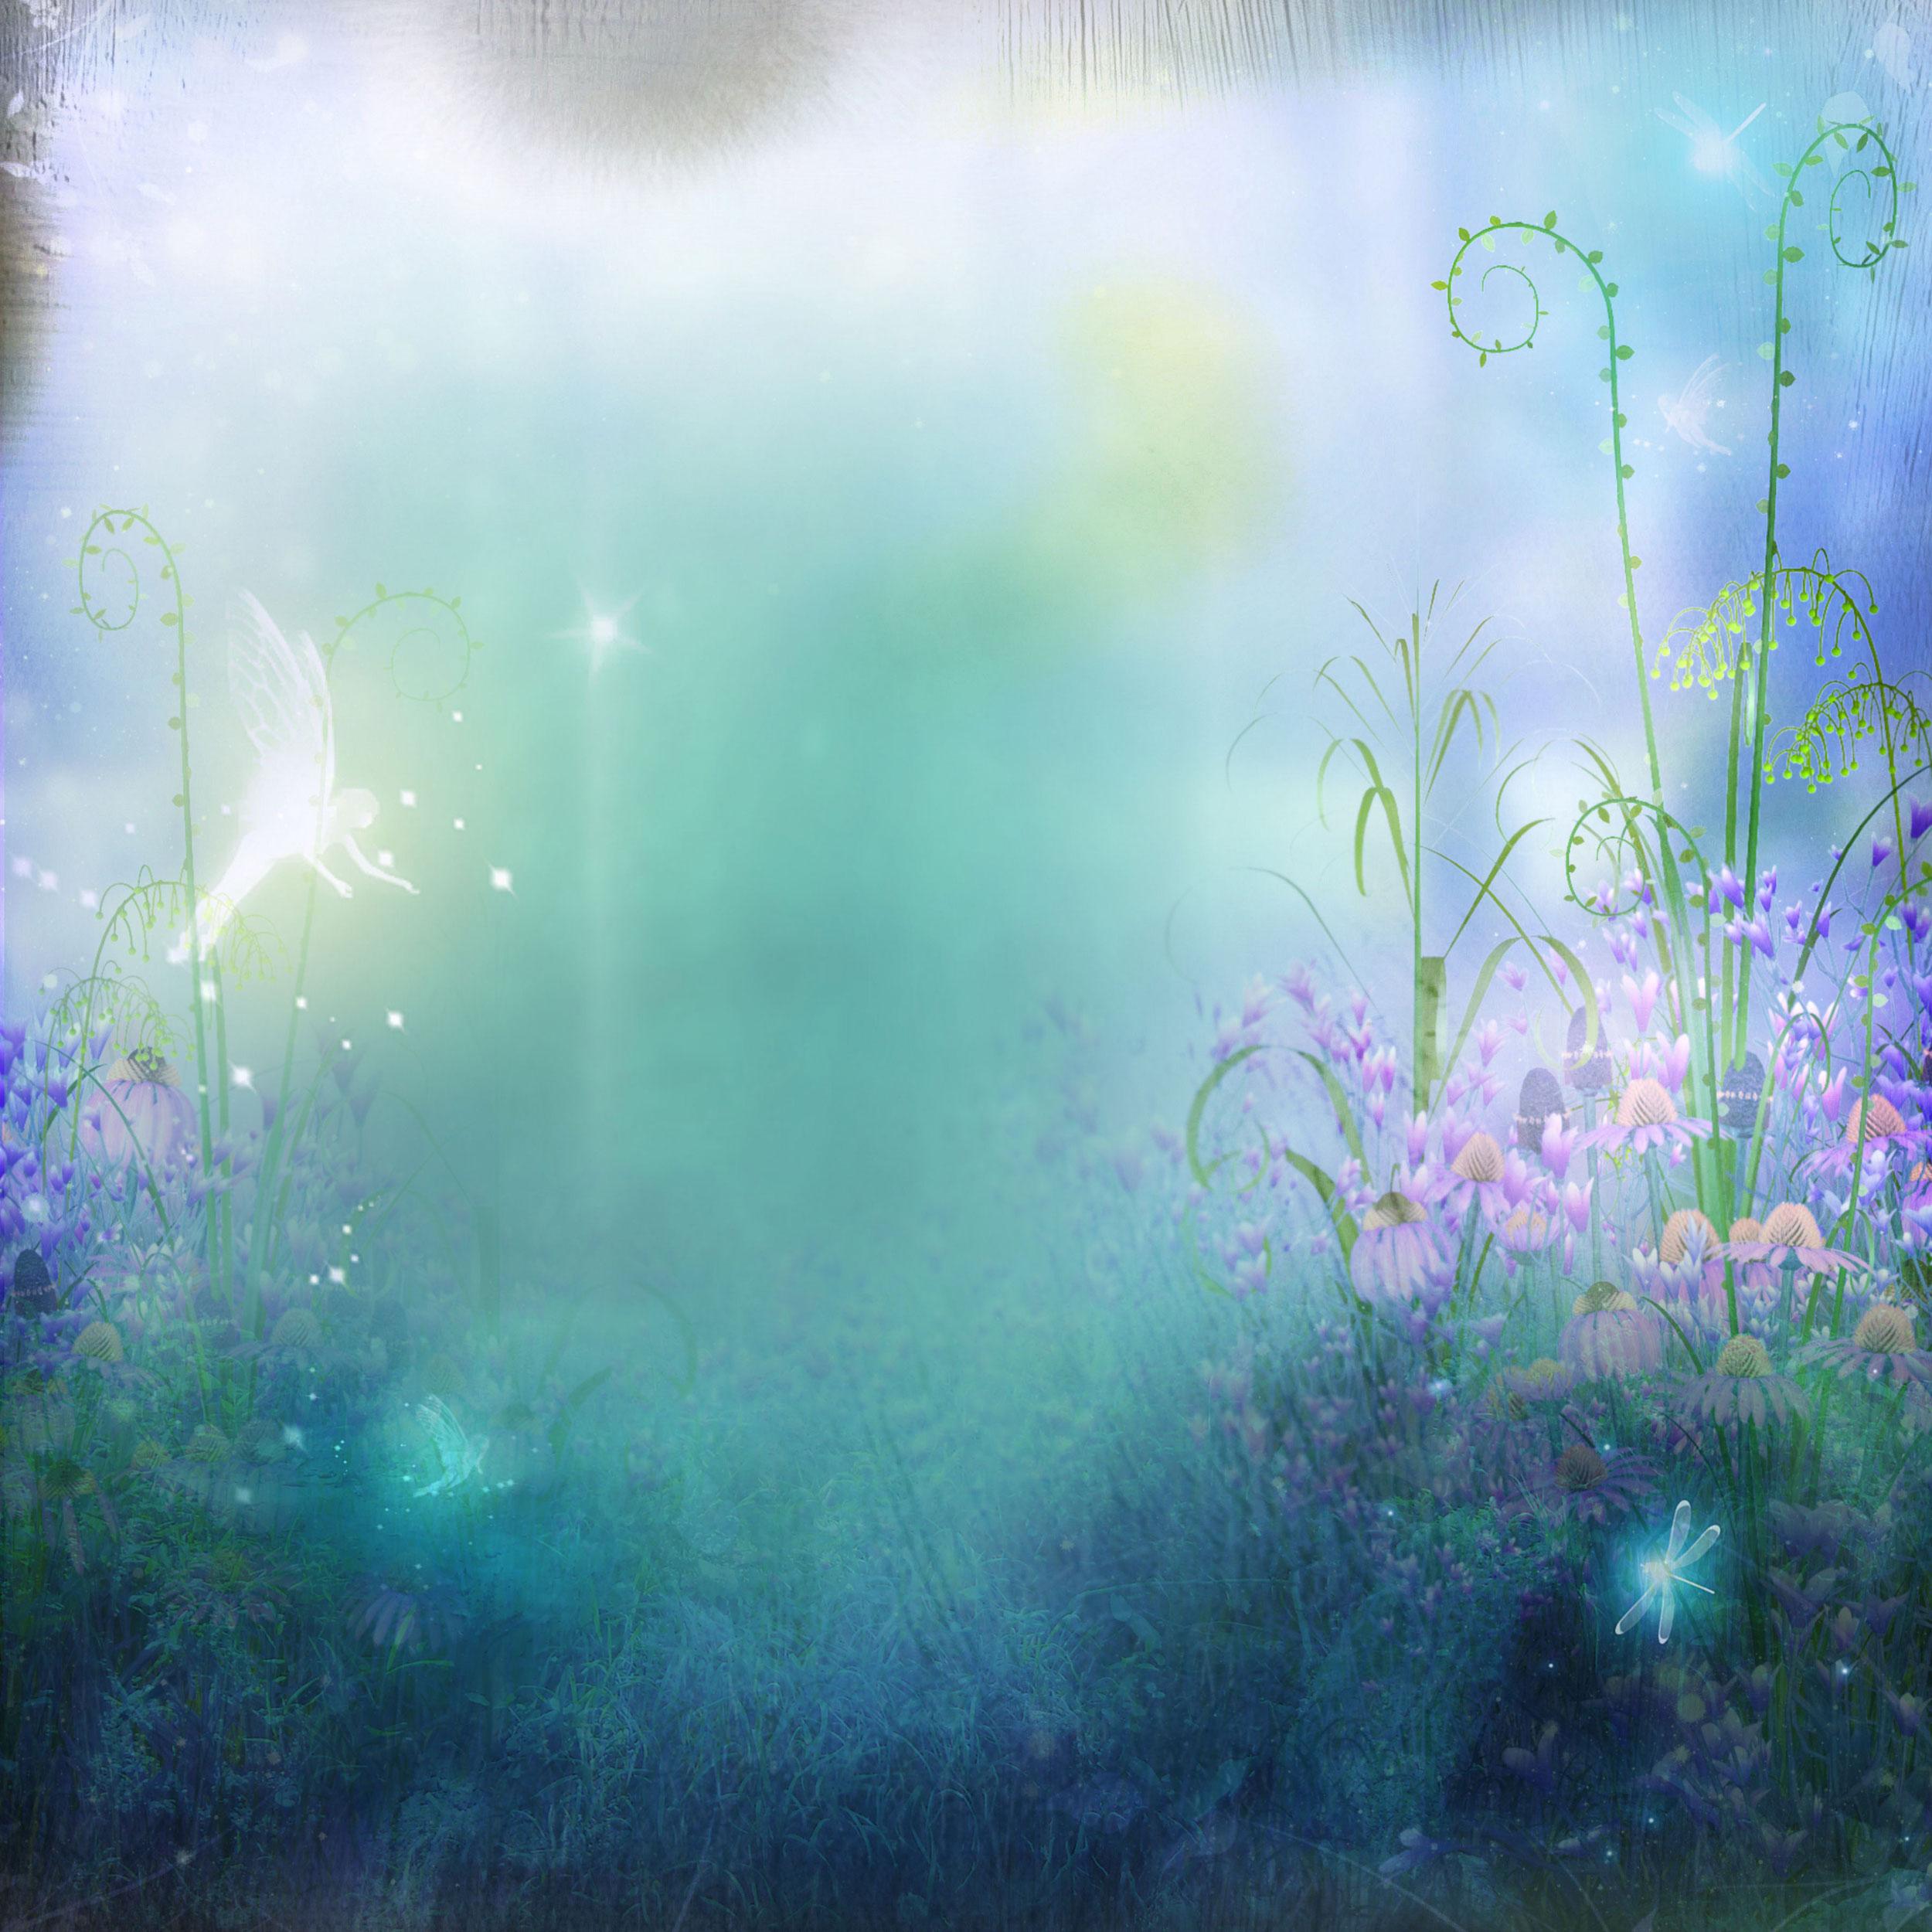 花のイラスト フリー素材 壁紙 背景no 217 幻想的 妖精 淡い